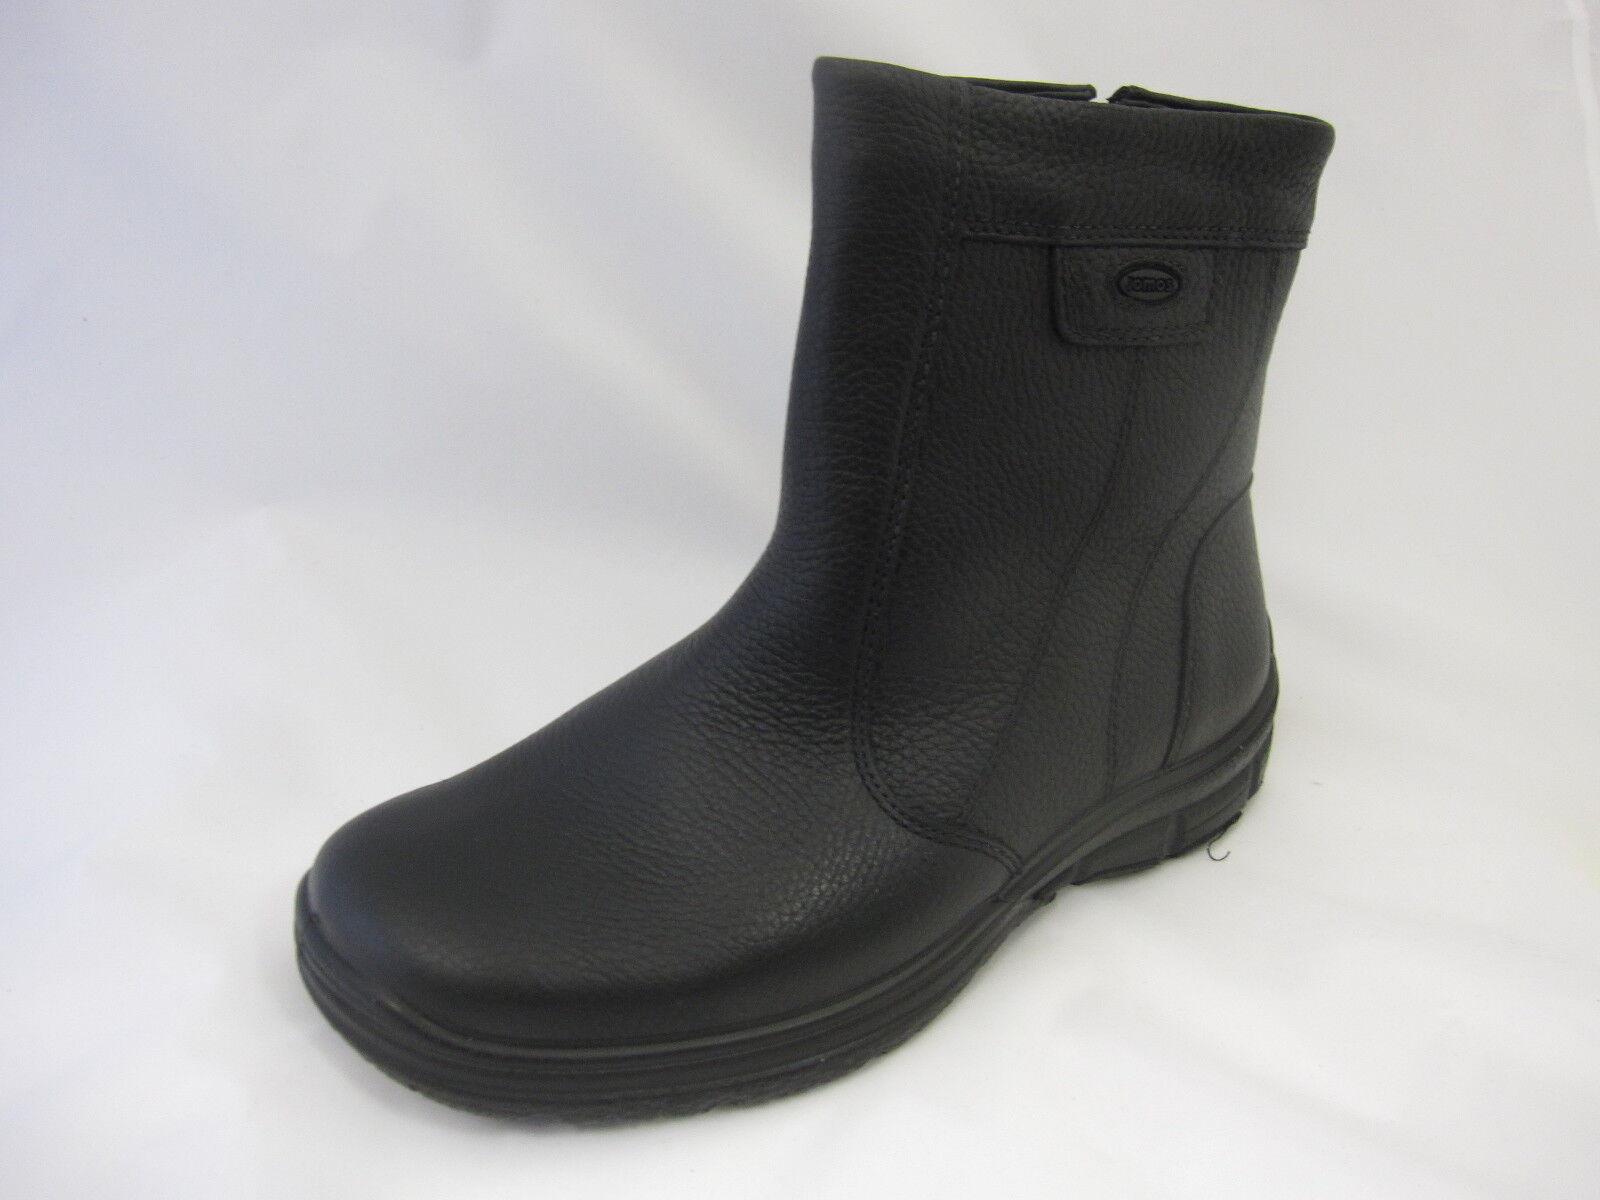 Jomos Winterstiefel, schwarz echt echt Leder, echt schwarz Lammfellfutter, Reißverschluss fc3493